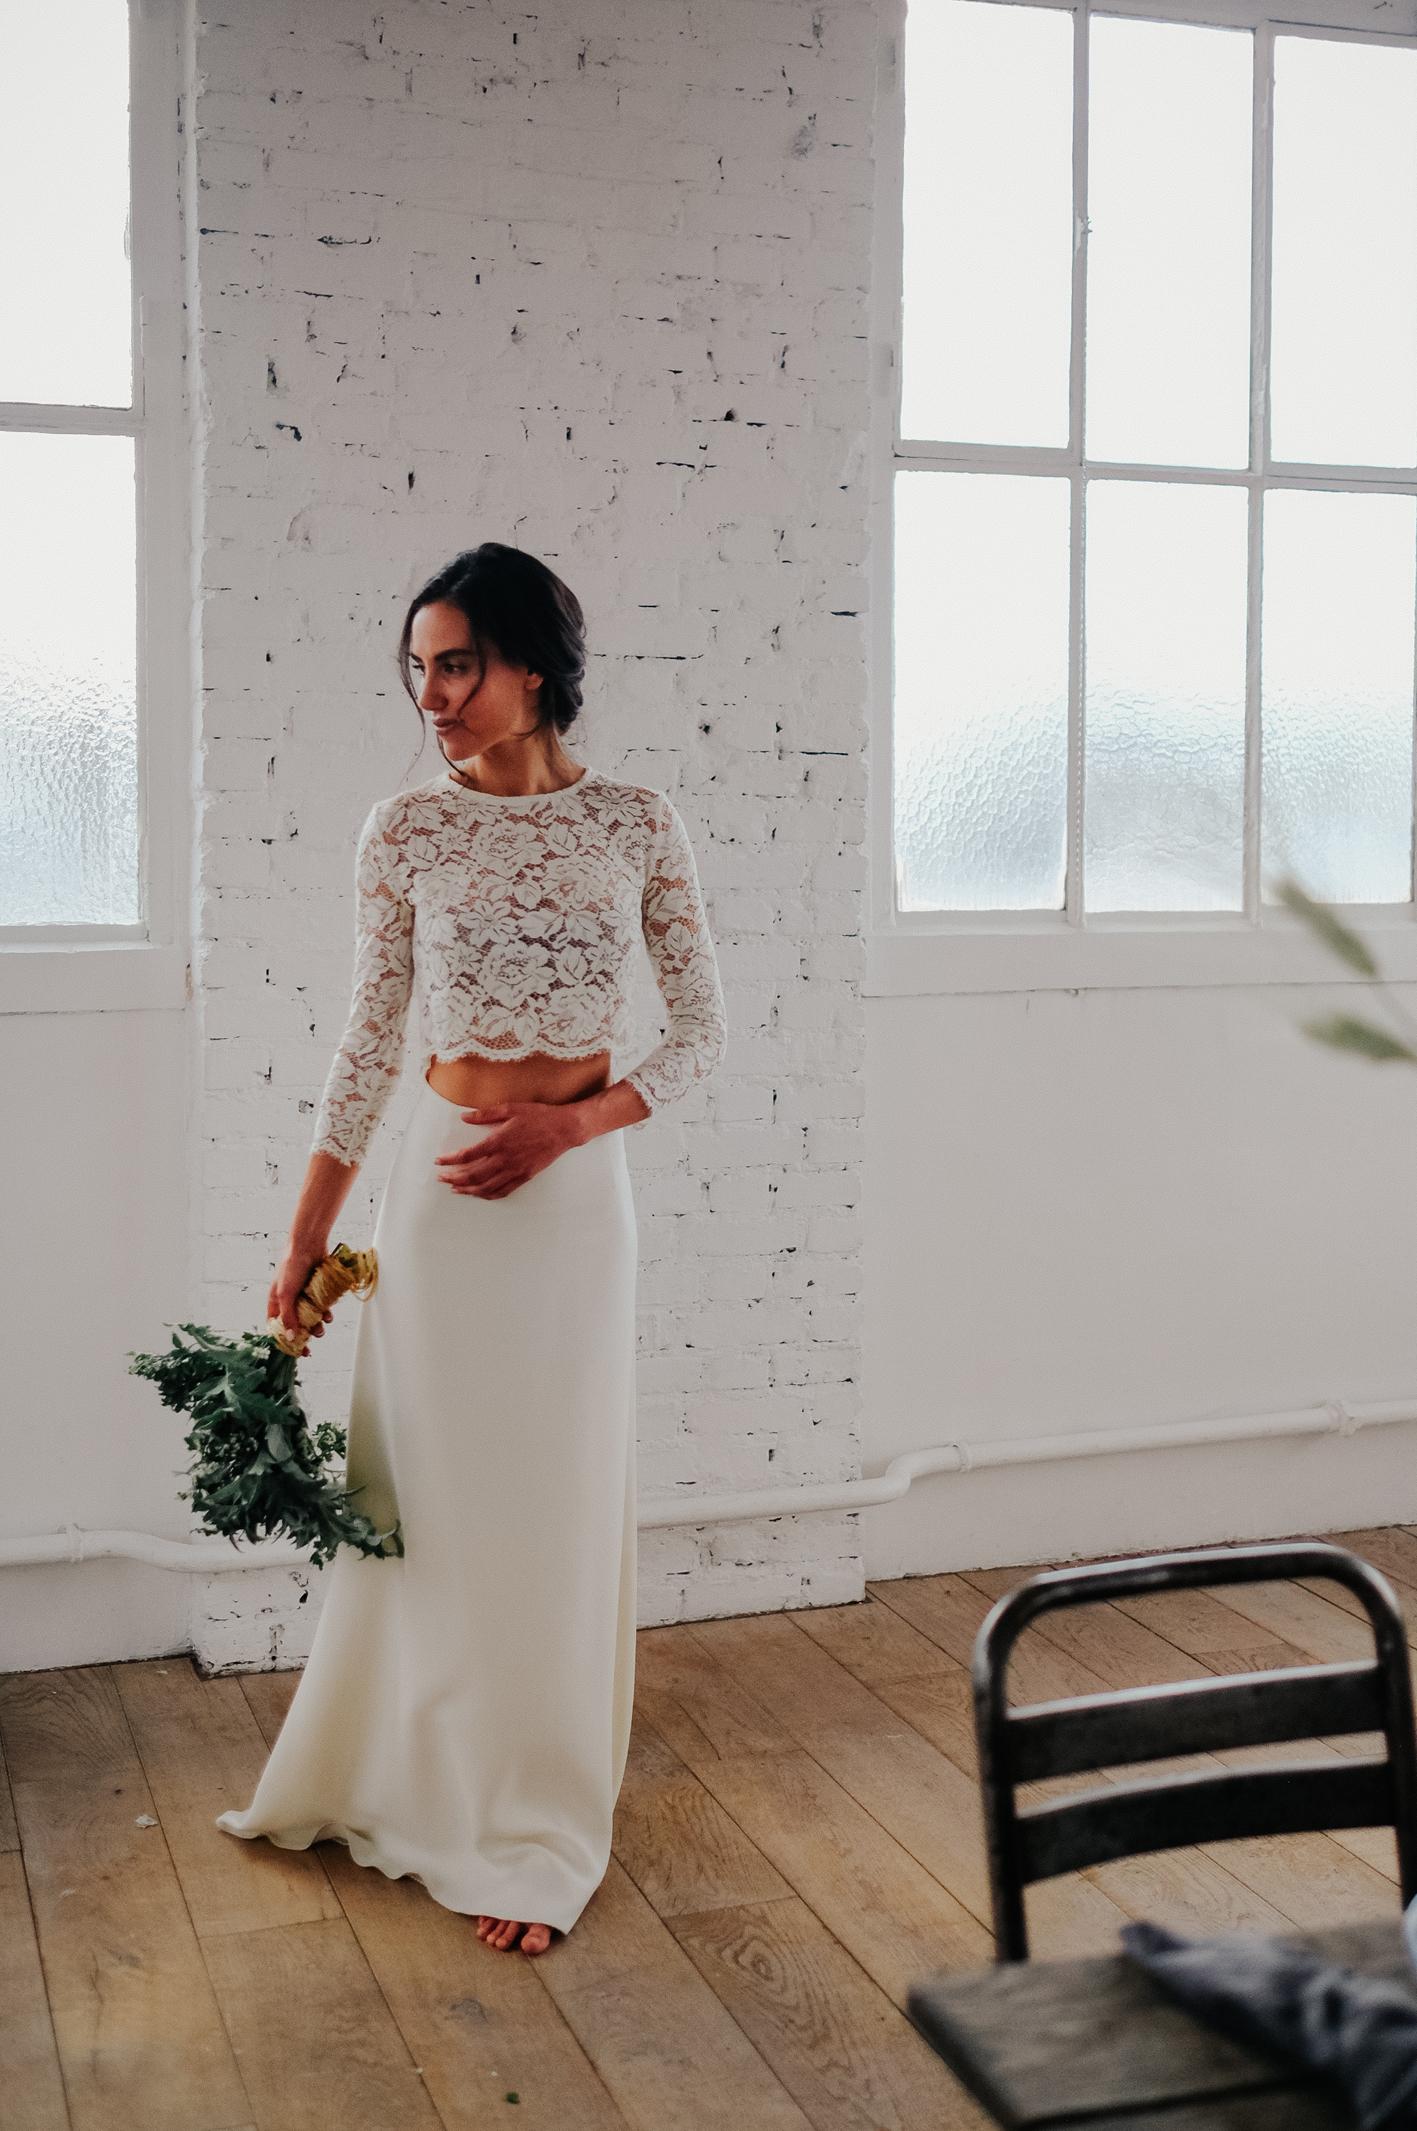 bröllop+bordsdukning+tvådelad+klädsel+brud